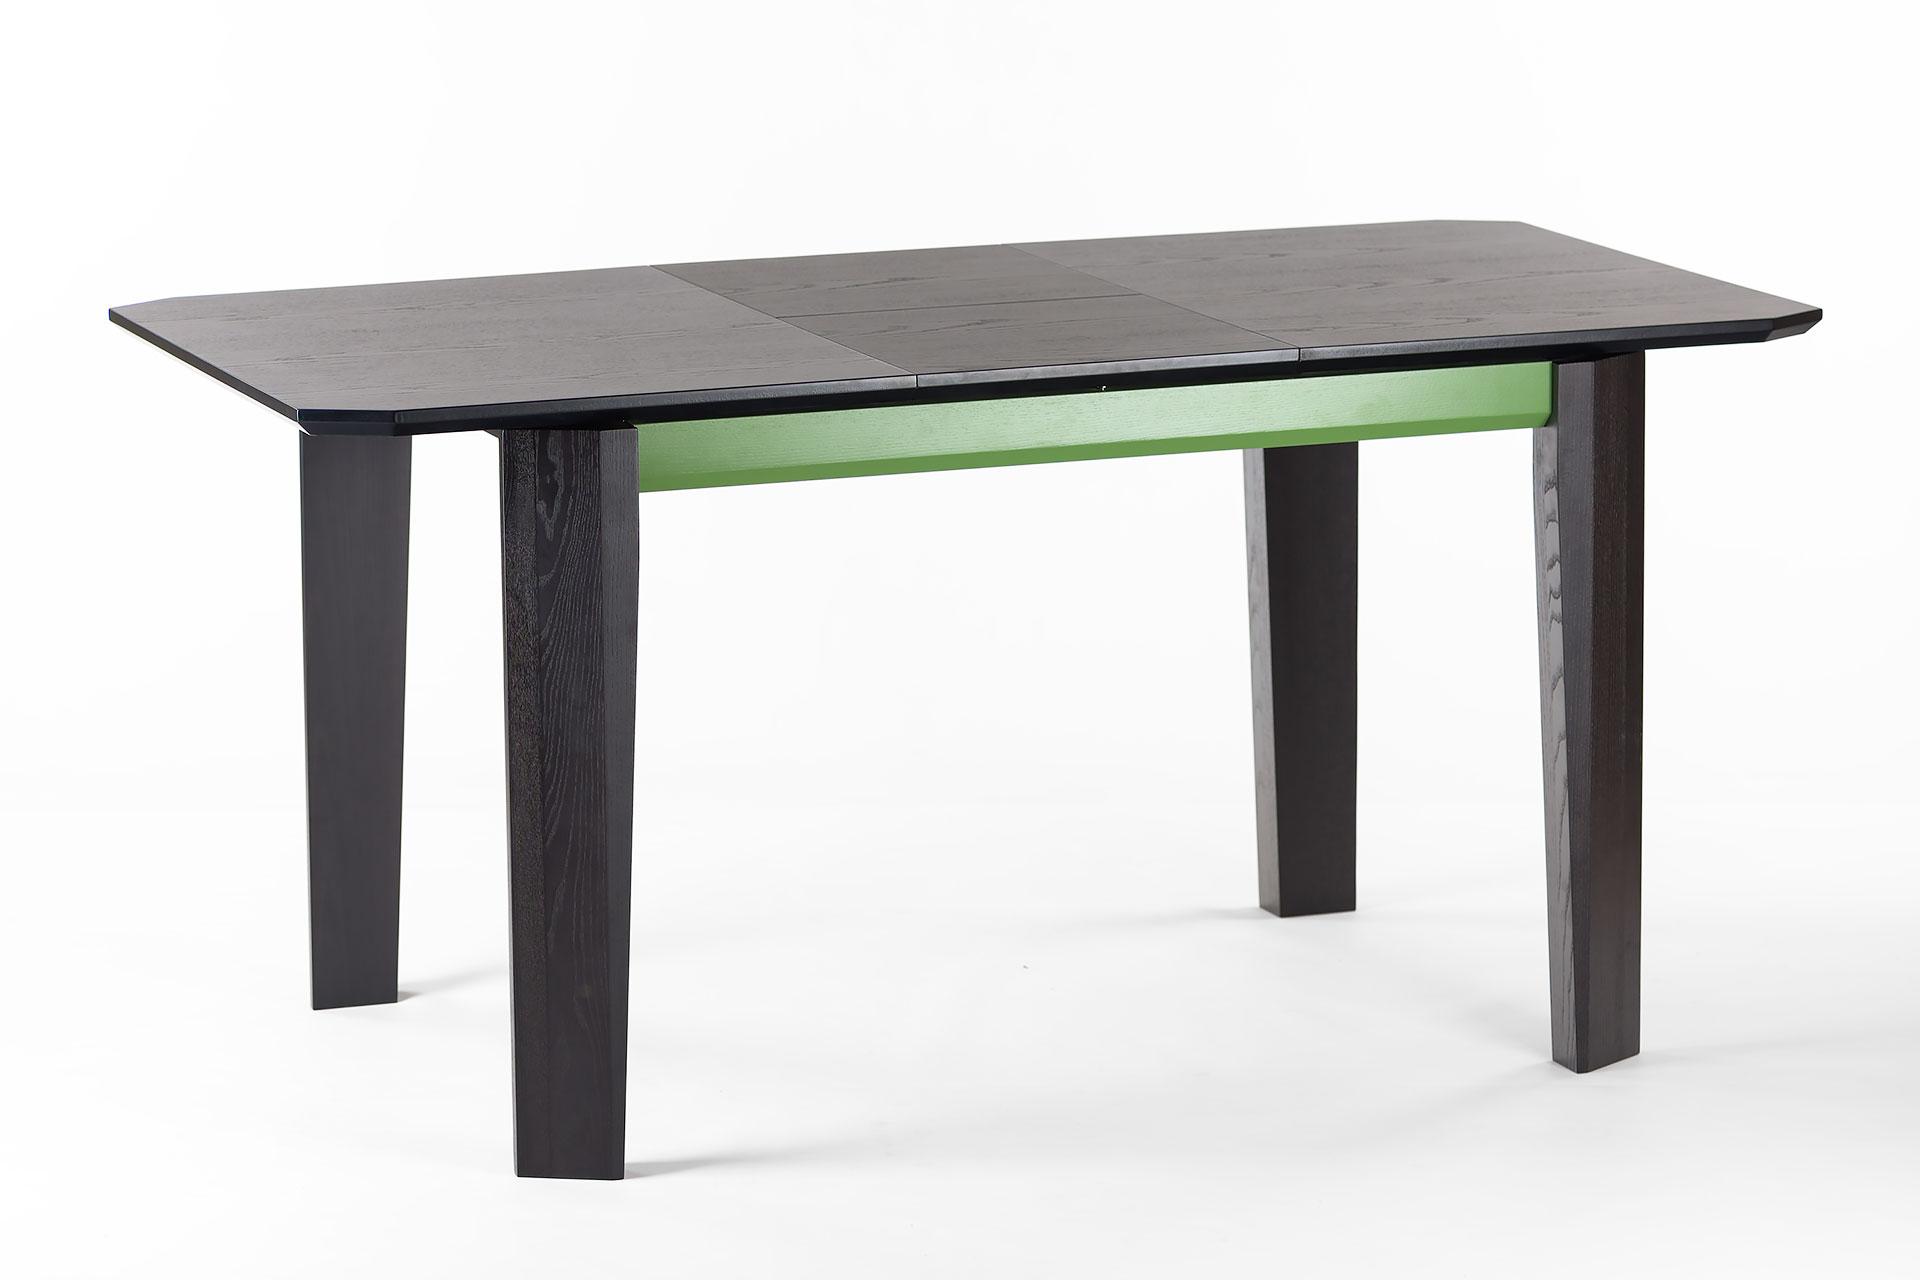 """Раскладной кухонный стол """"Варгас"""" черно-зеленый, шпонированная столешница, твердое дерево, цвет изделия SE7059 / Каркас RAL 6011 (разложенный)"""